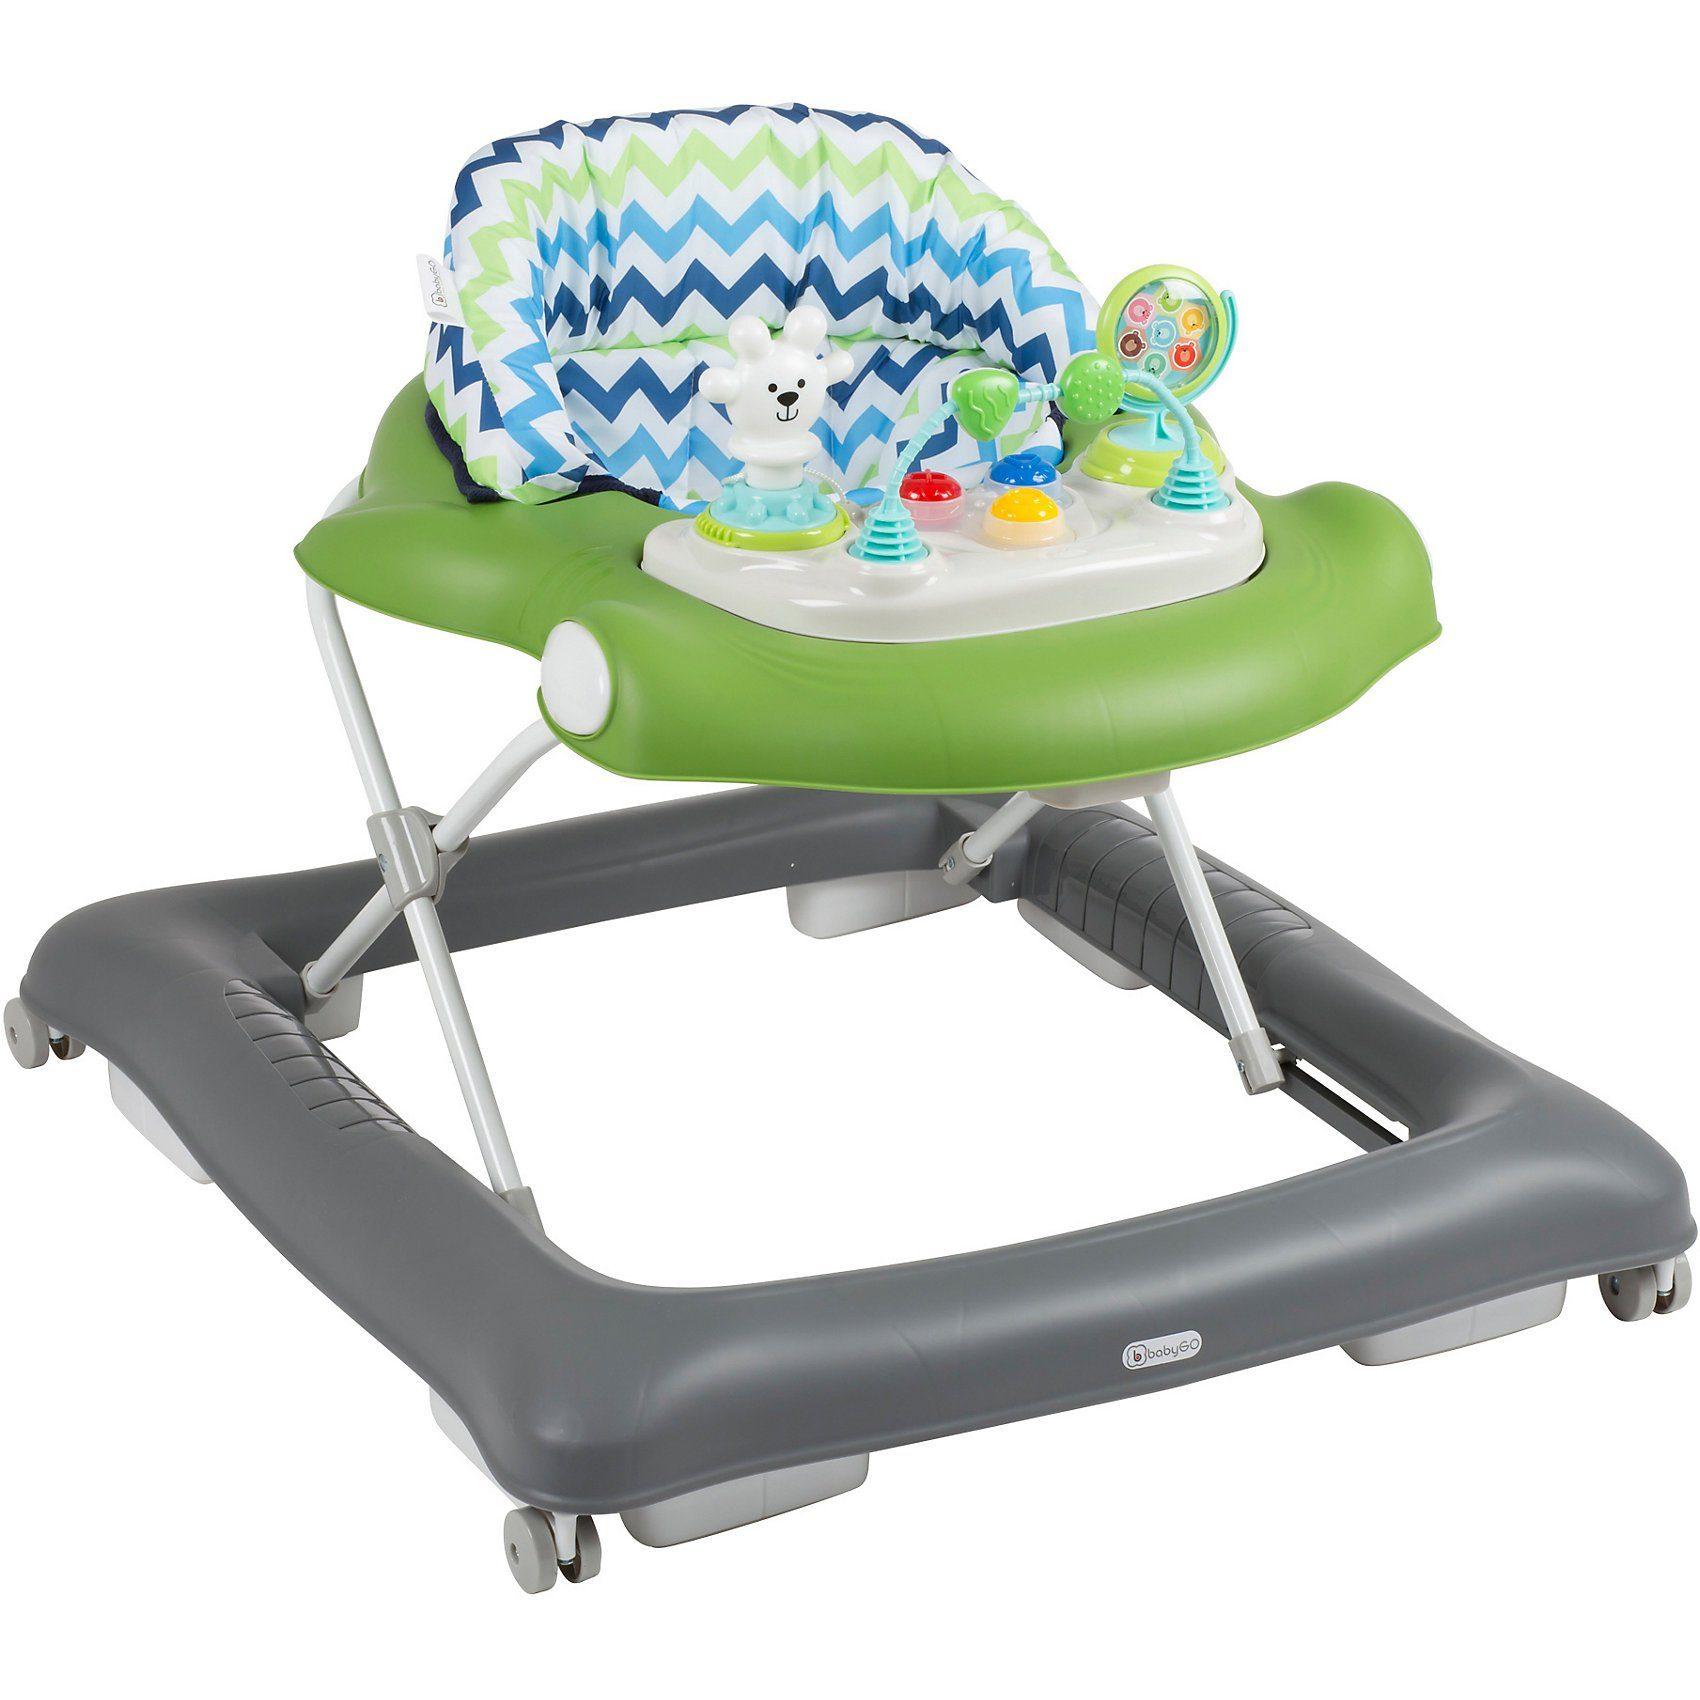 BabyGo Lauflernhilfe FreeWalk, grassgreen